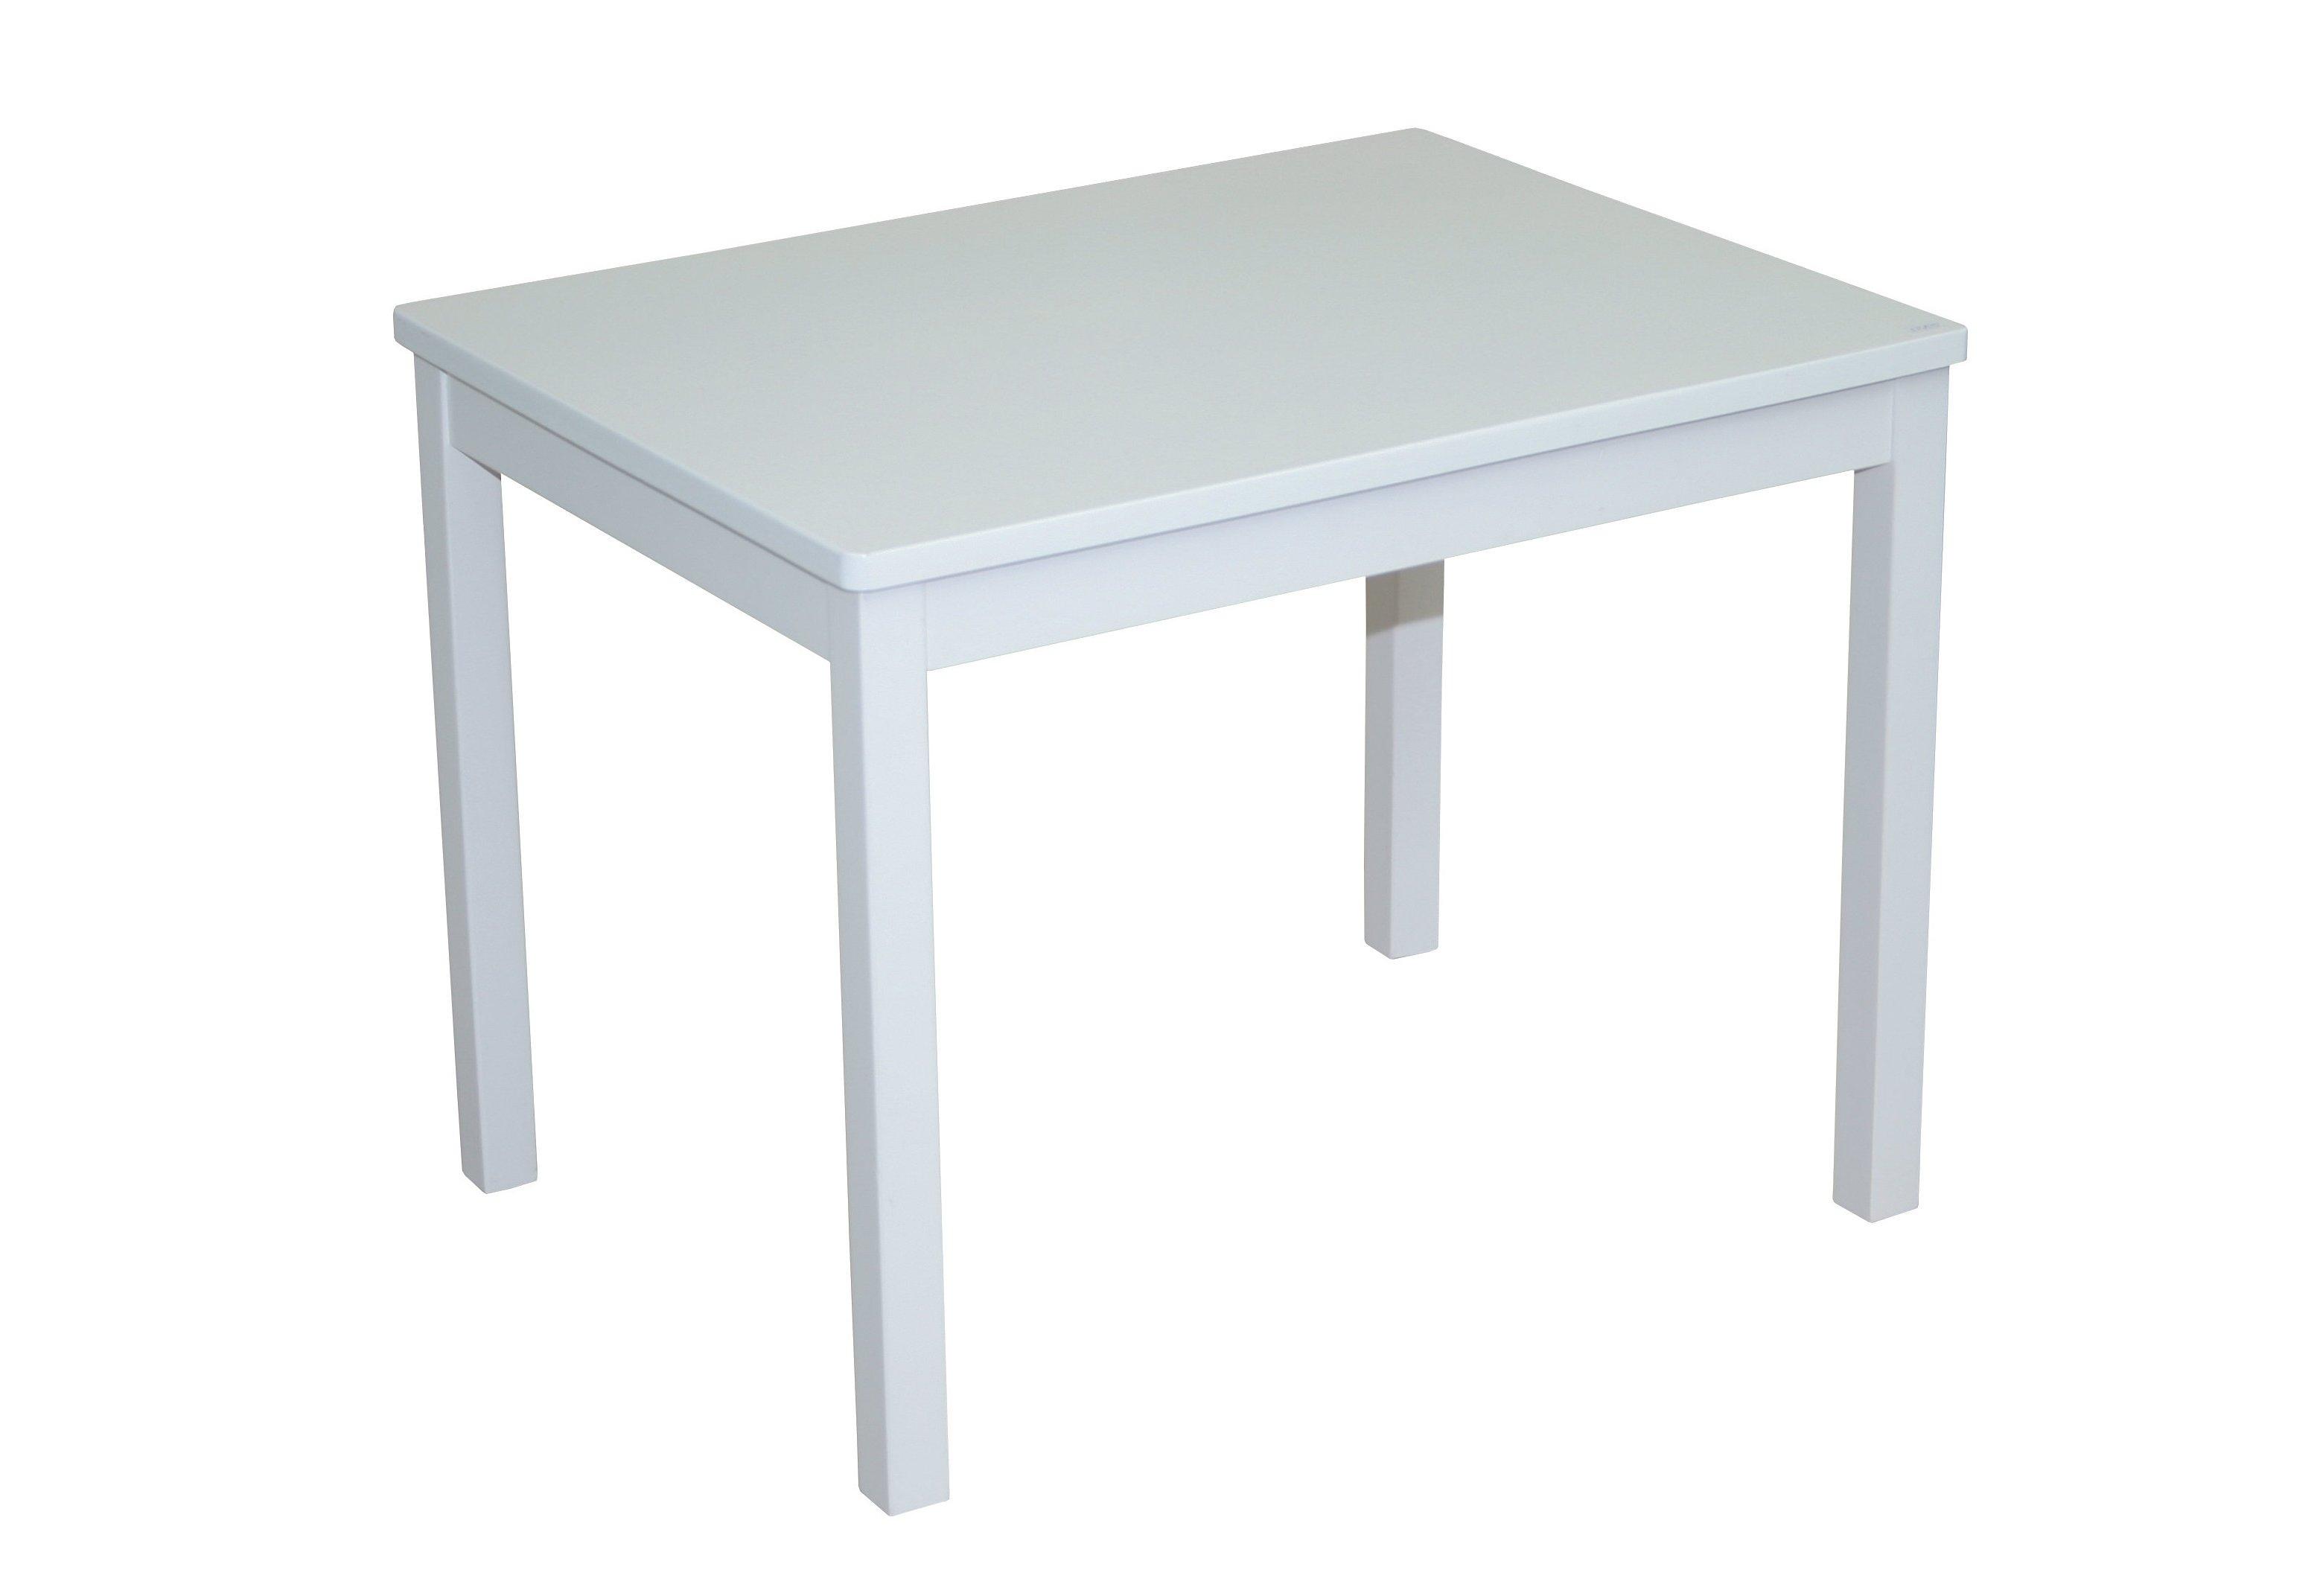 Op zoek naar een Roba Kindertafel wit voor kinderen? Koop online bij OTTO